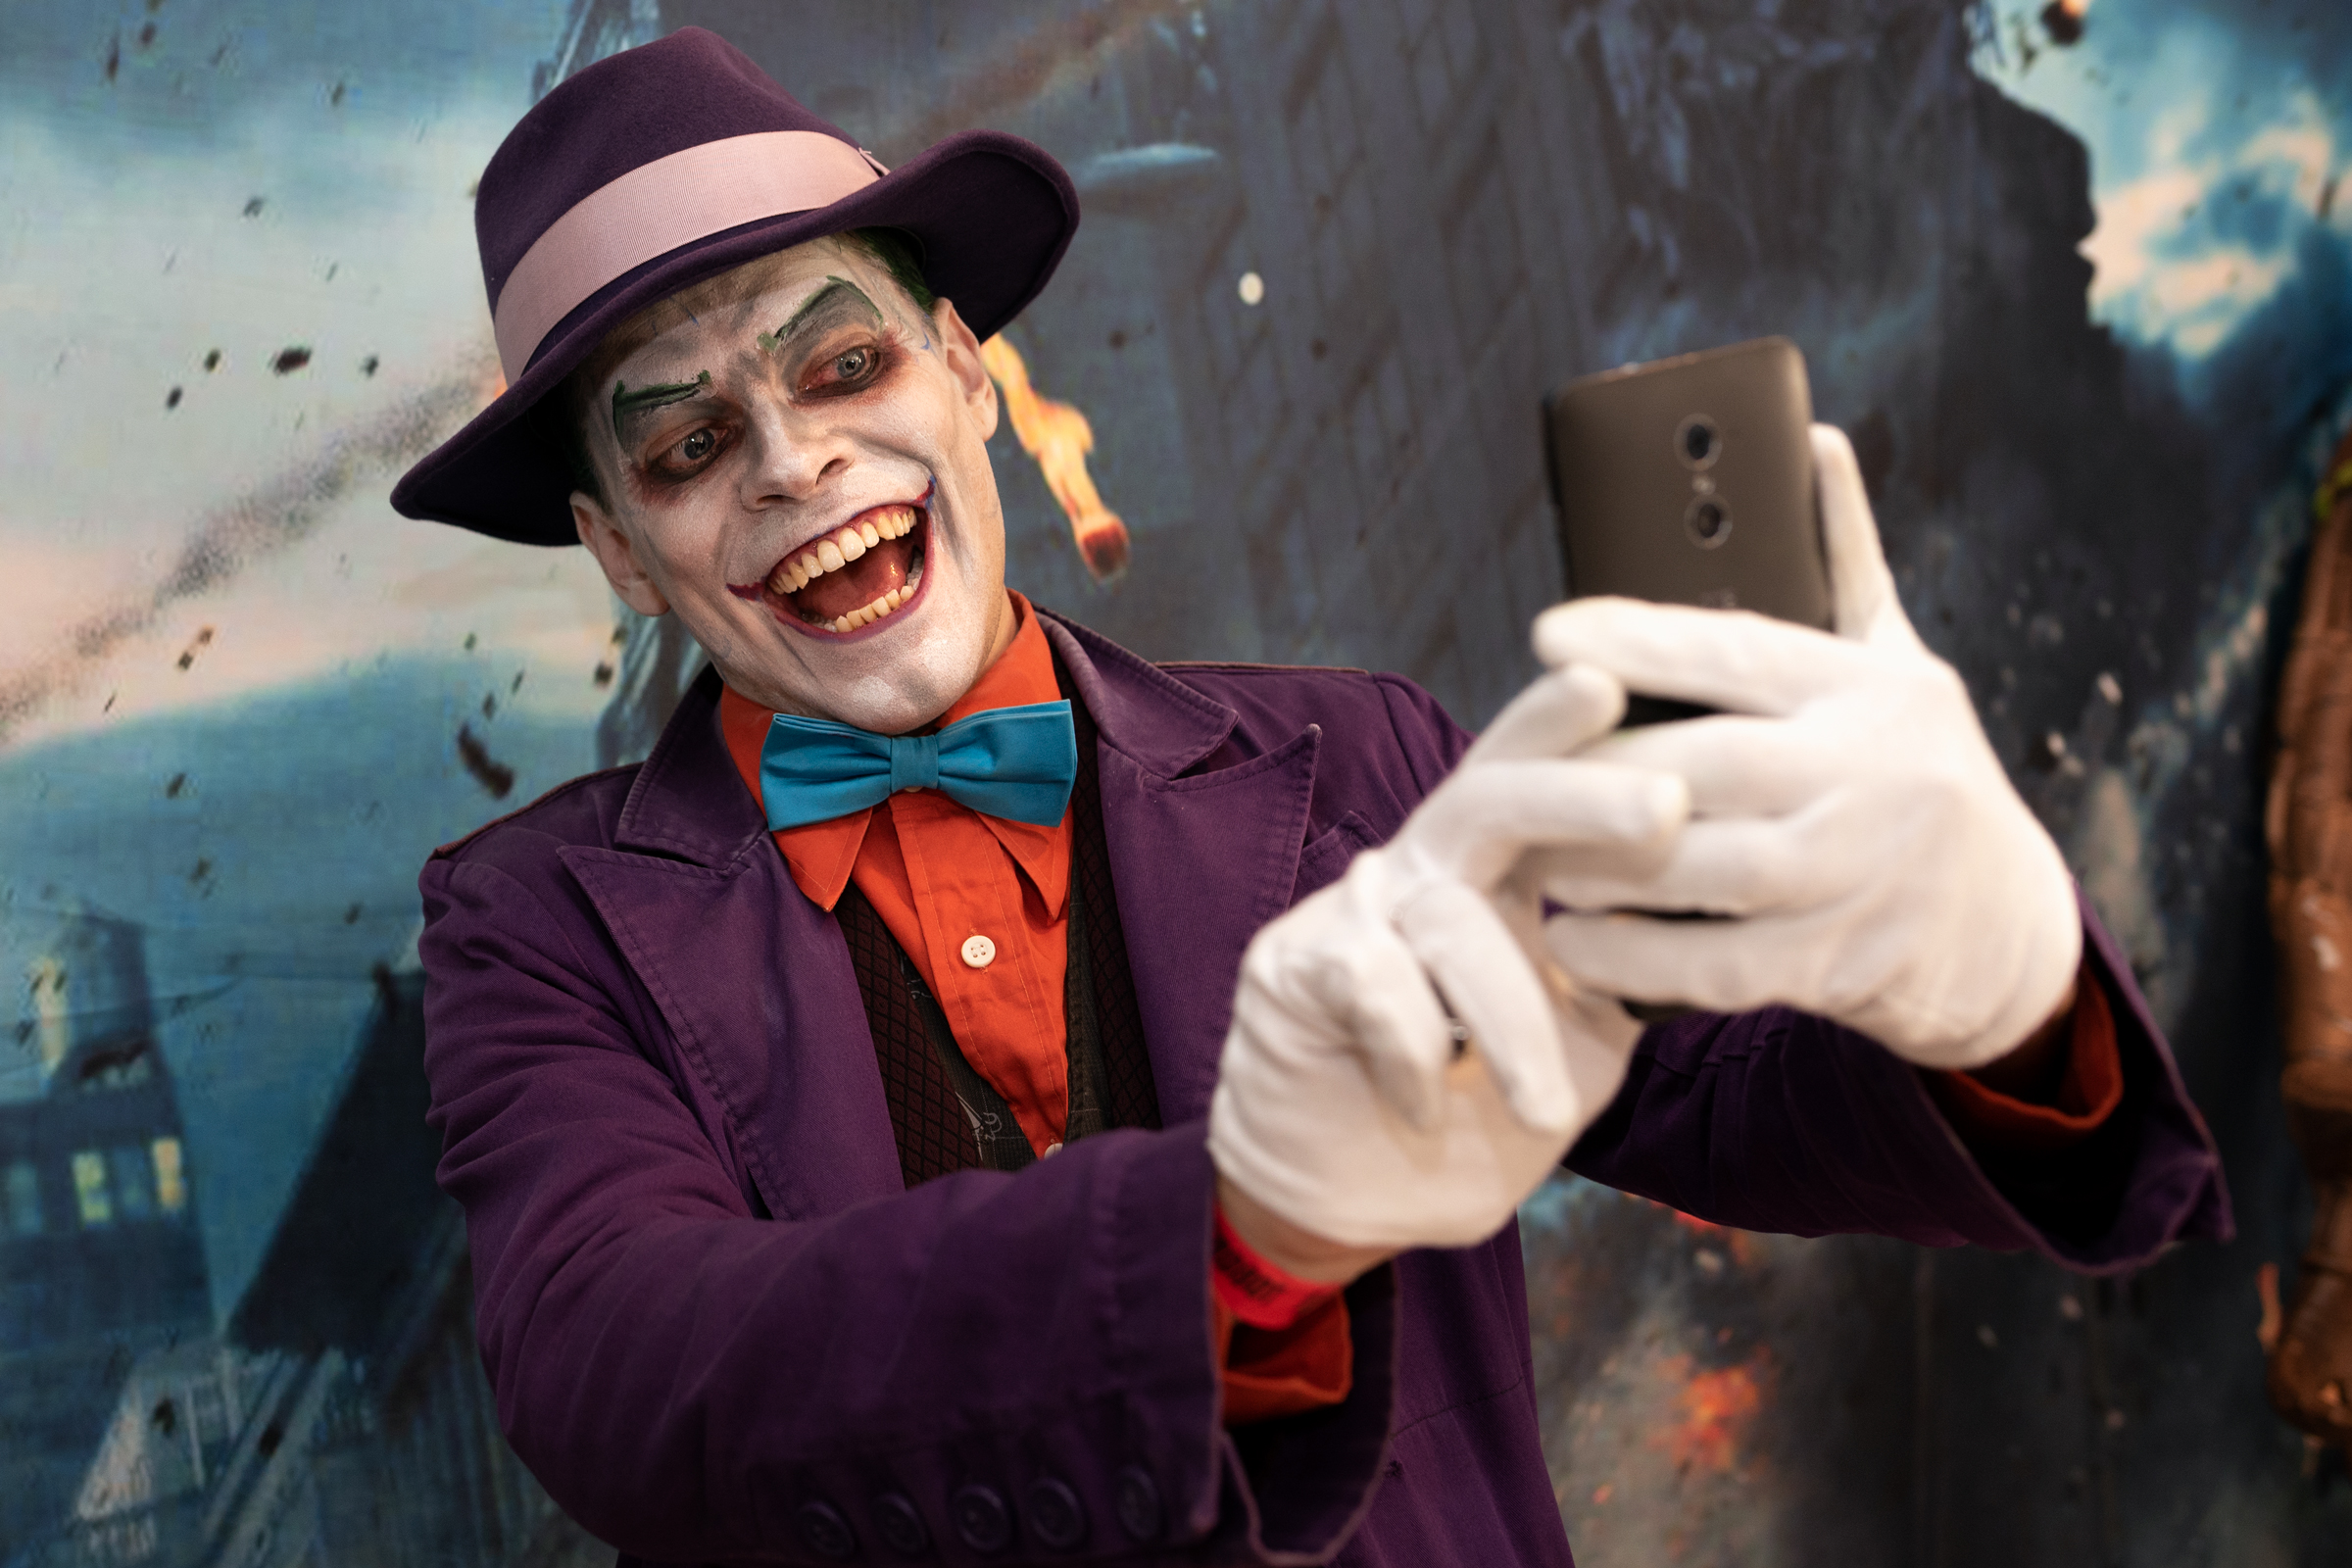 Cosplayer, Mark Dasinger Jr, as The Joker attends Nerdbot Con, a